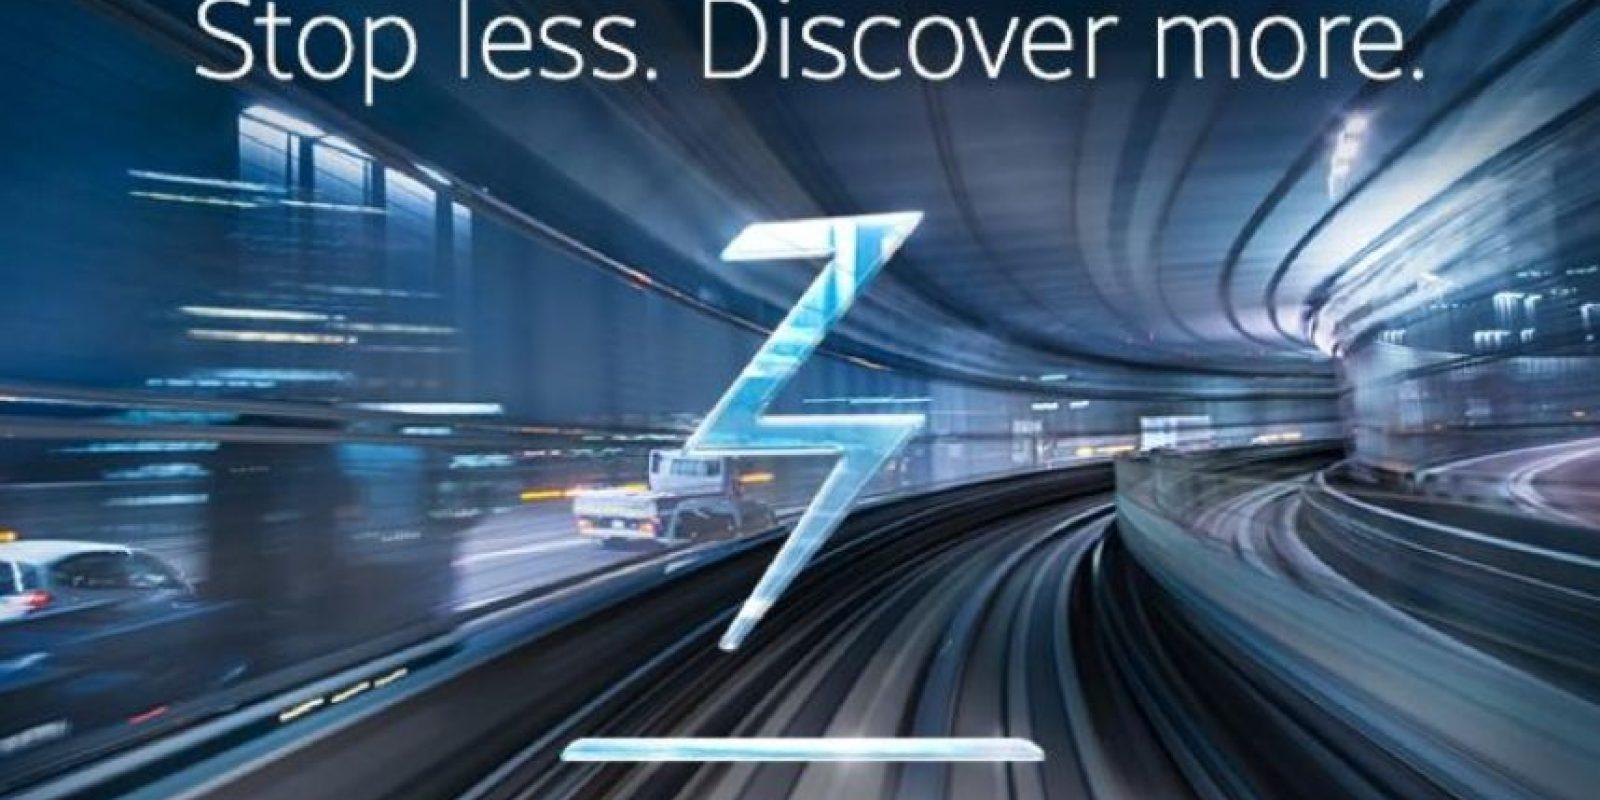 El smartphone tendrá un procesador más rápido. Foto:twitter.com/SamsungMobile